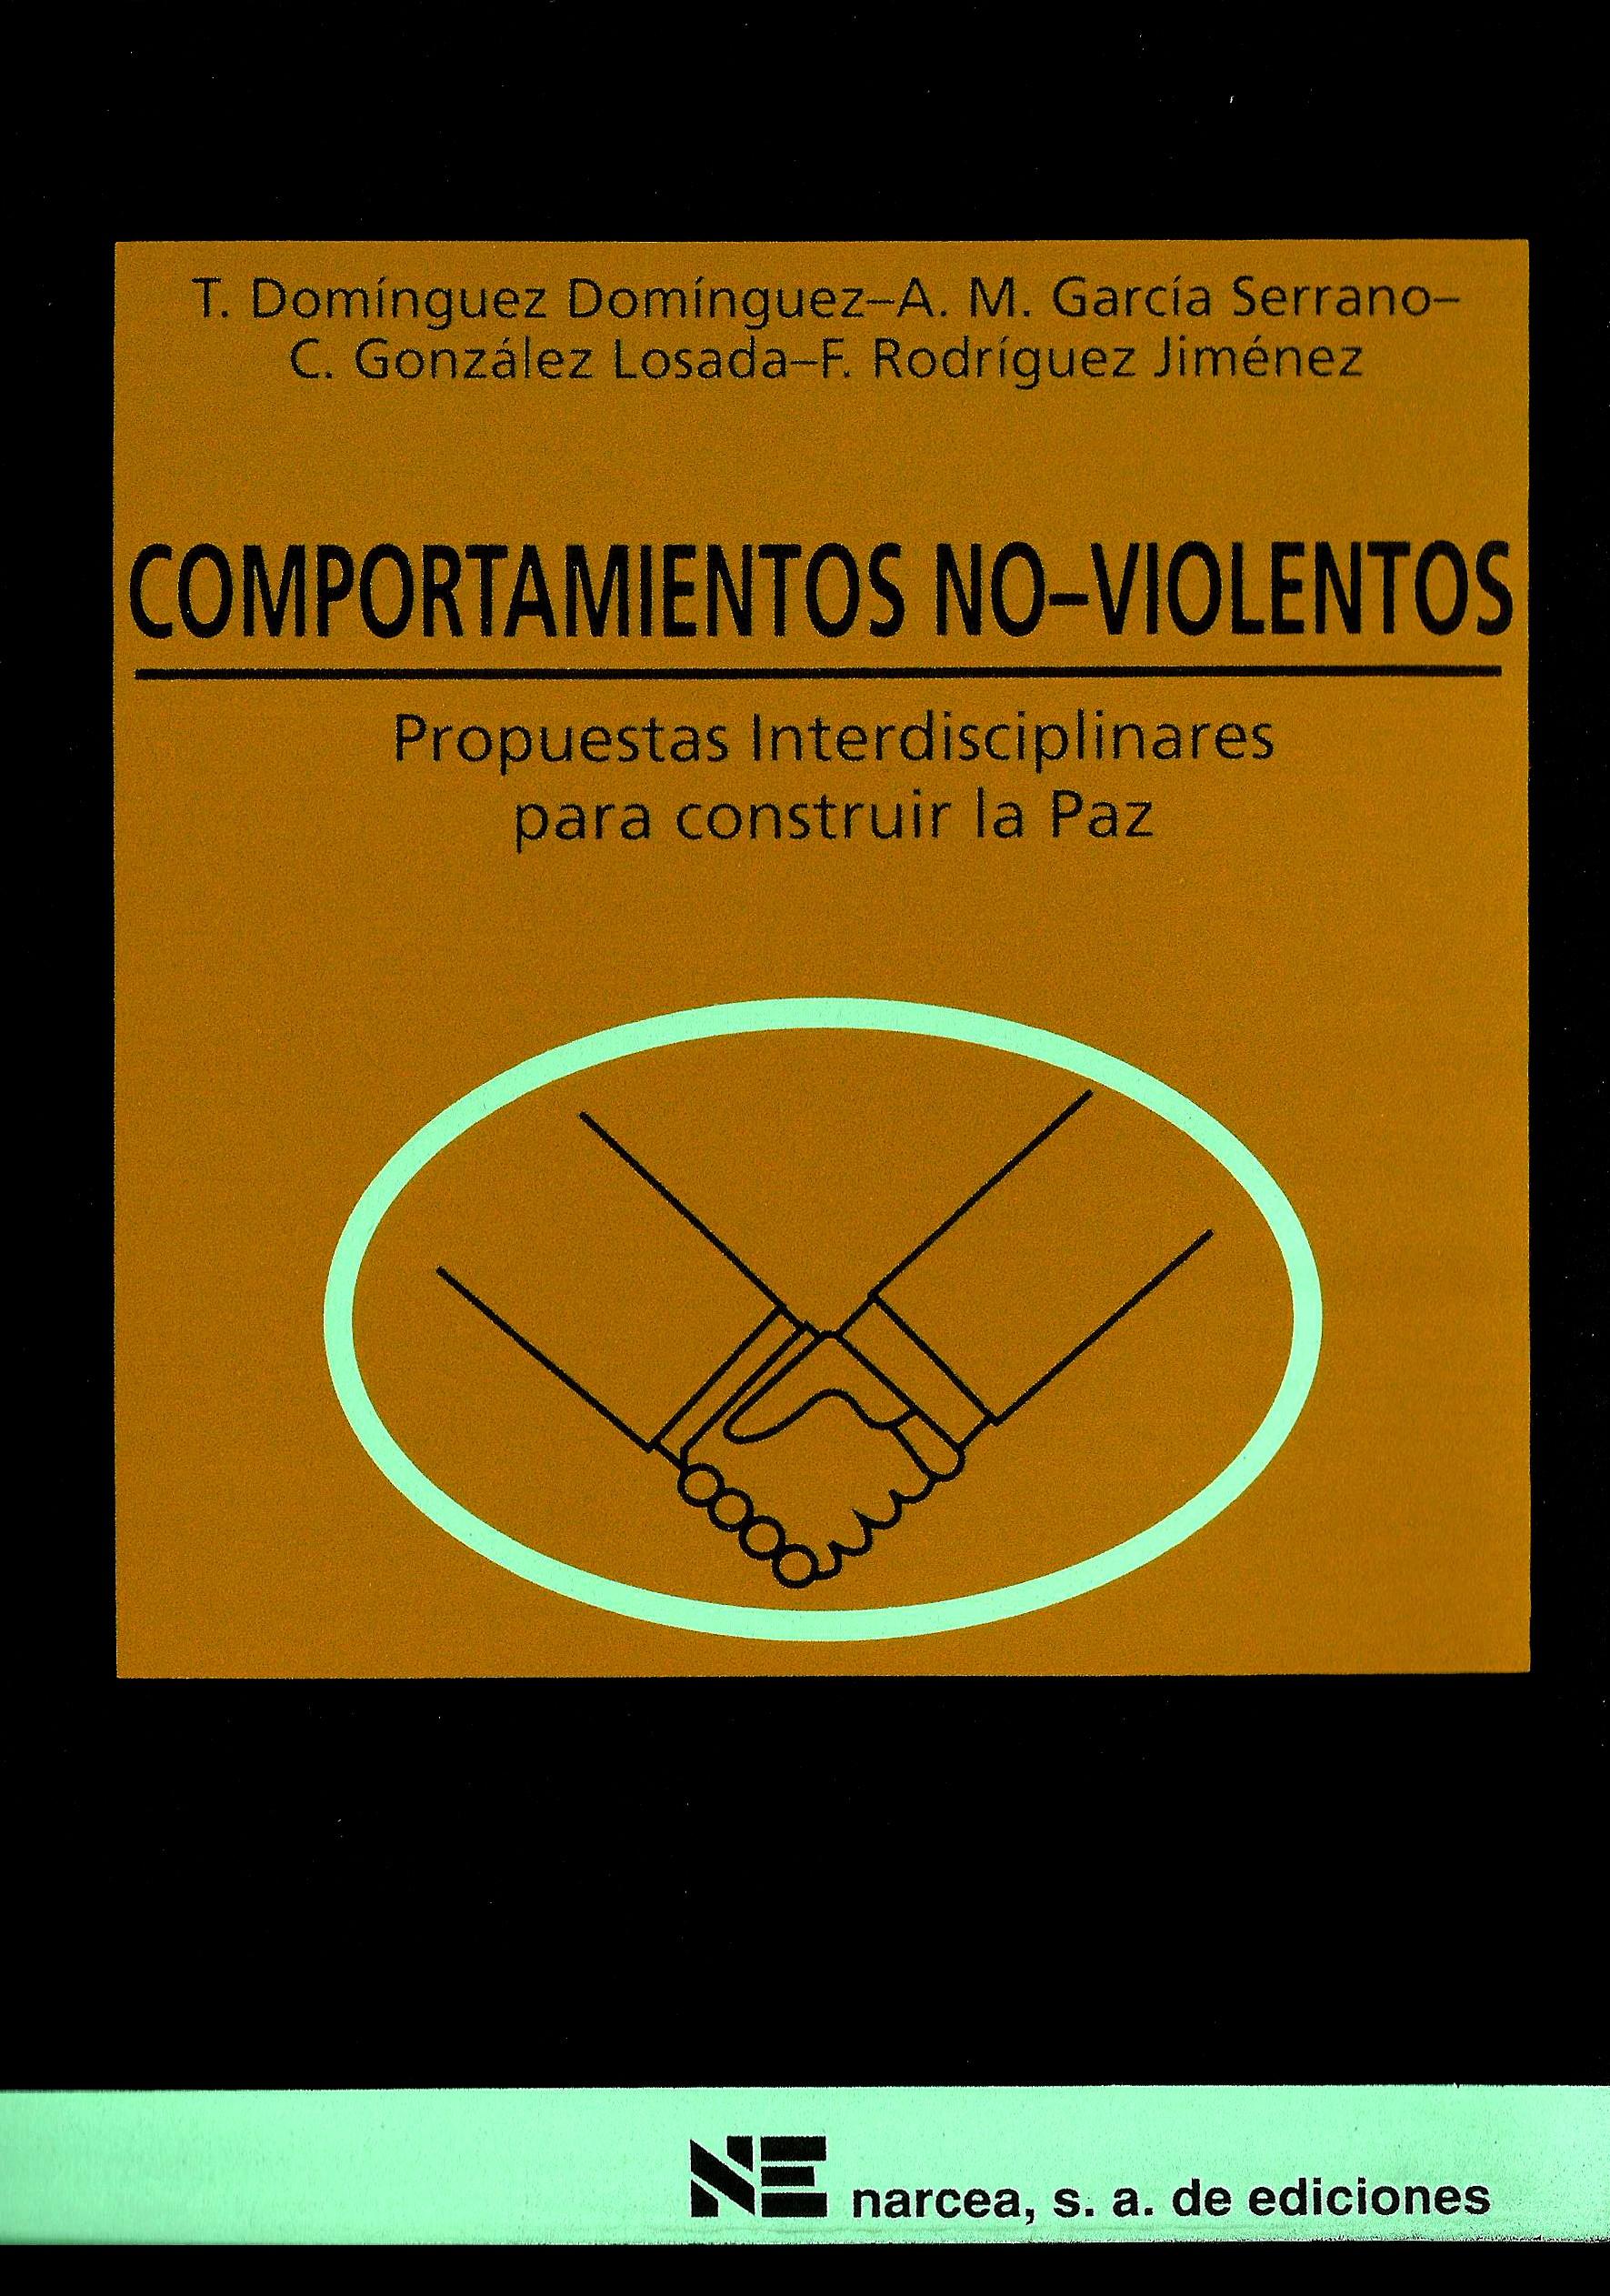 Comportamientos no-violentos